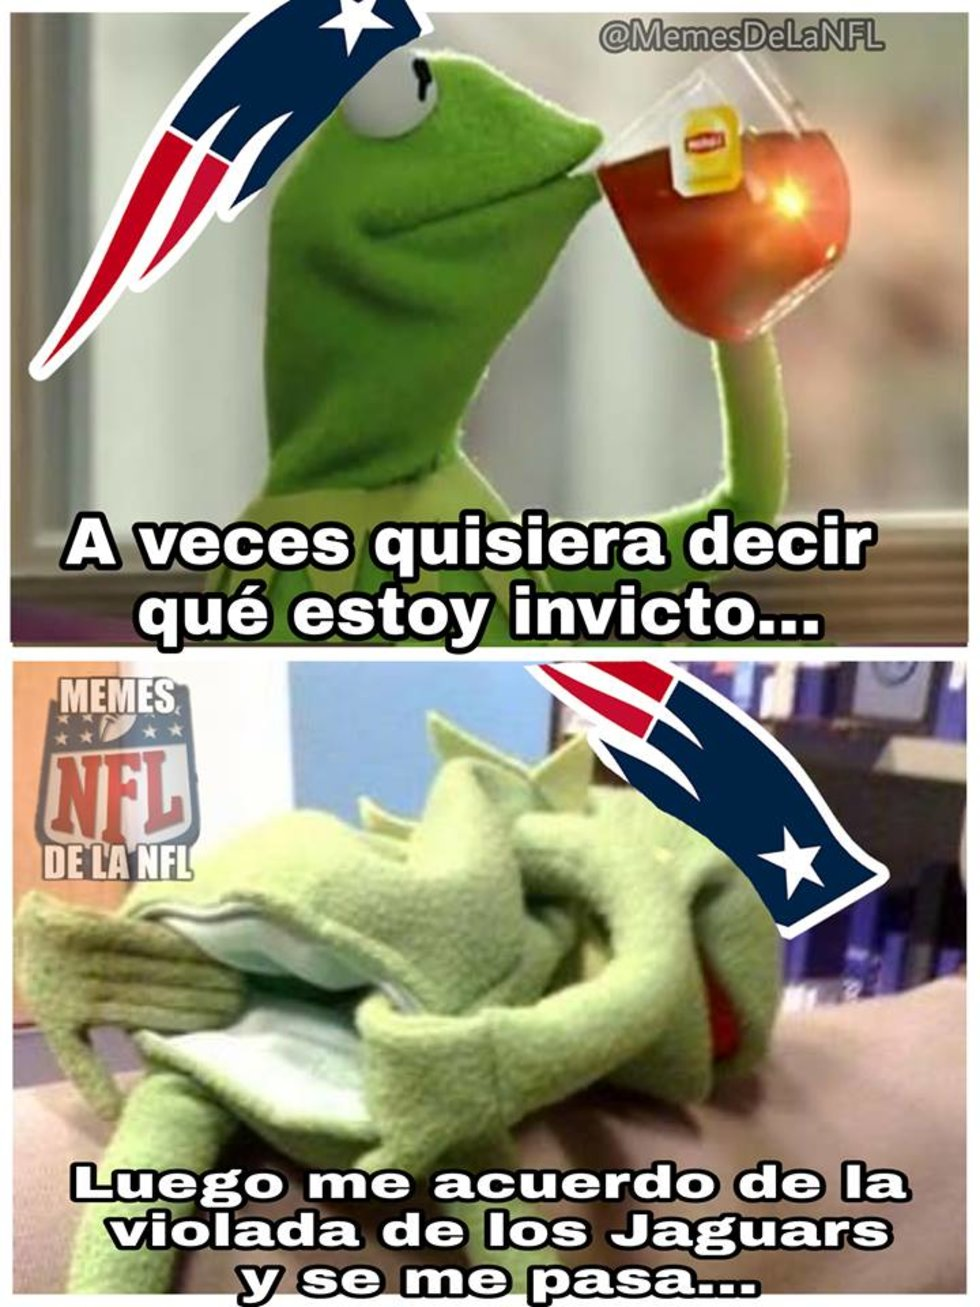 Liga MX jornada 9 Semana 2 de la NFL